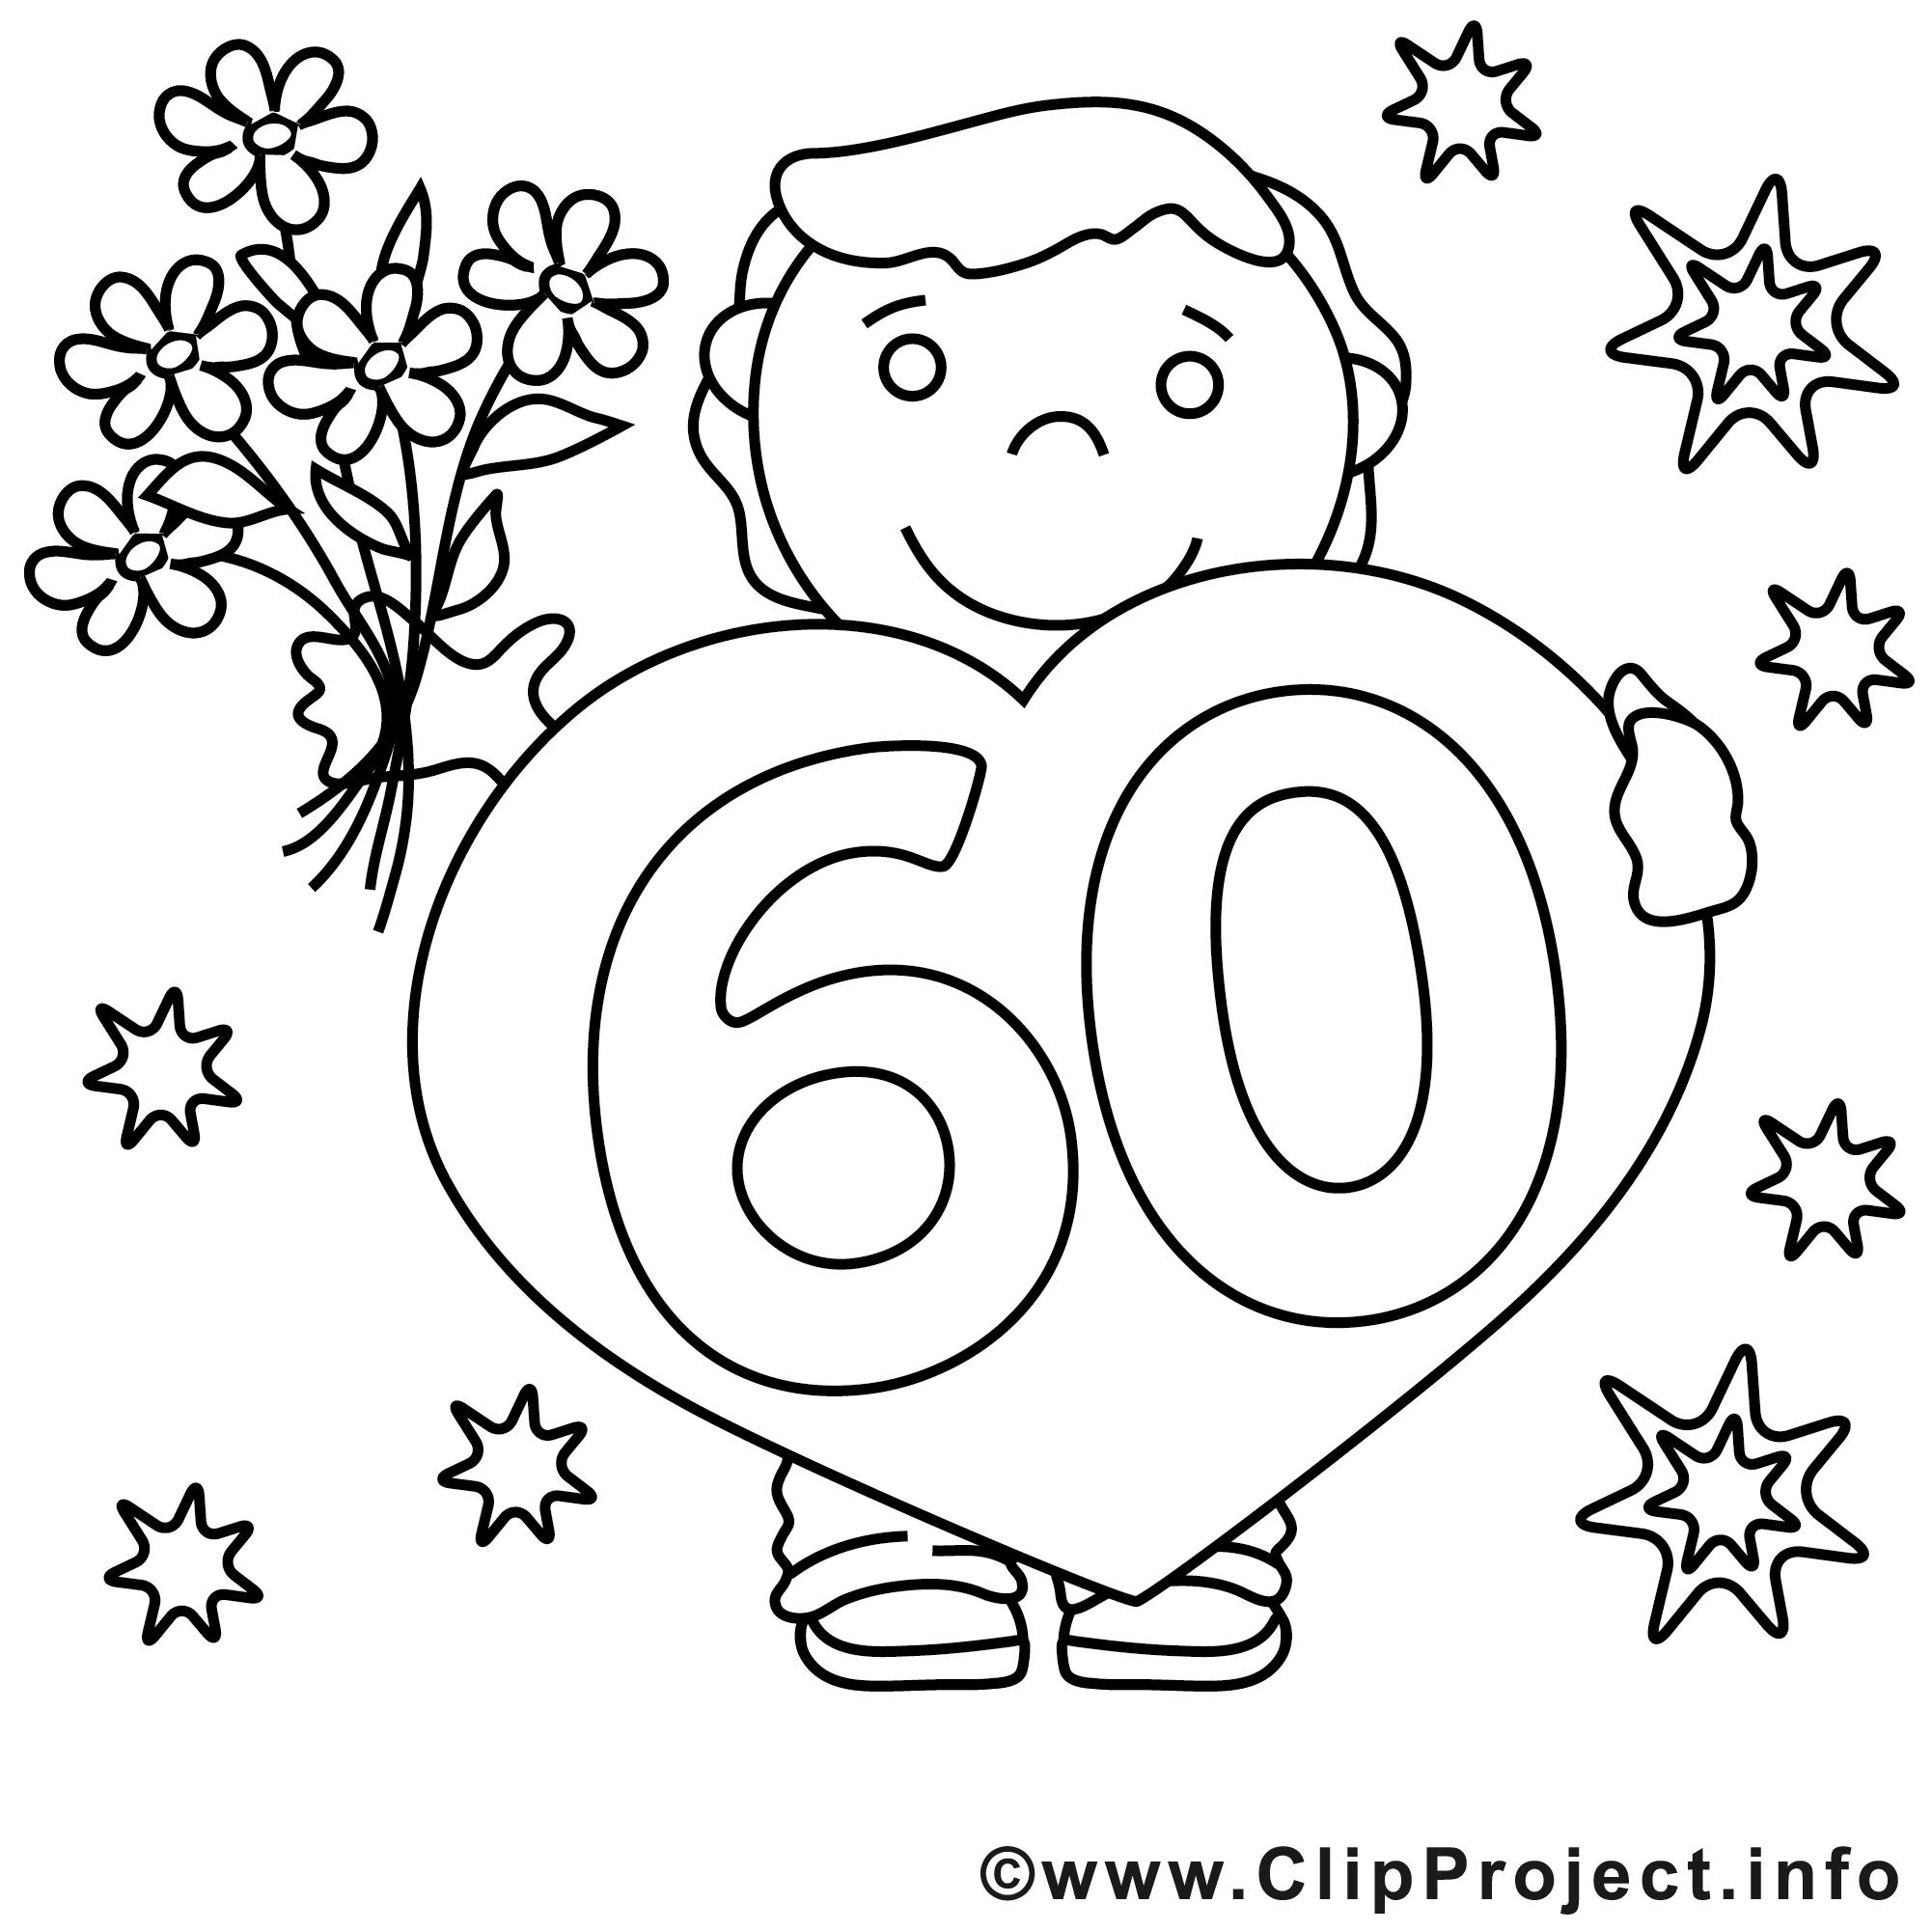 Geburtstag Schrift Malvorlage   Coloring And Malvorlagan verwandt mit Happy Birthday Schriftzug Zum Ausmalen